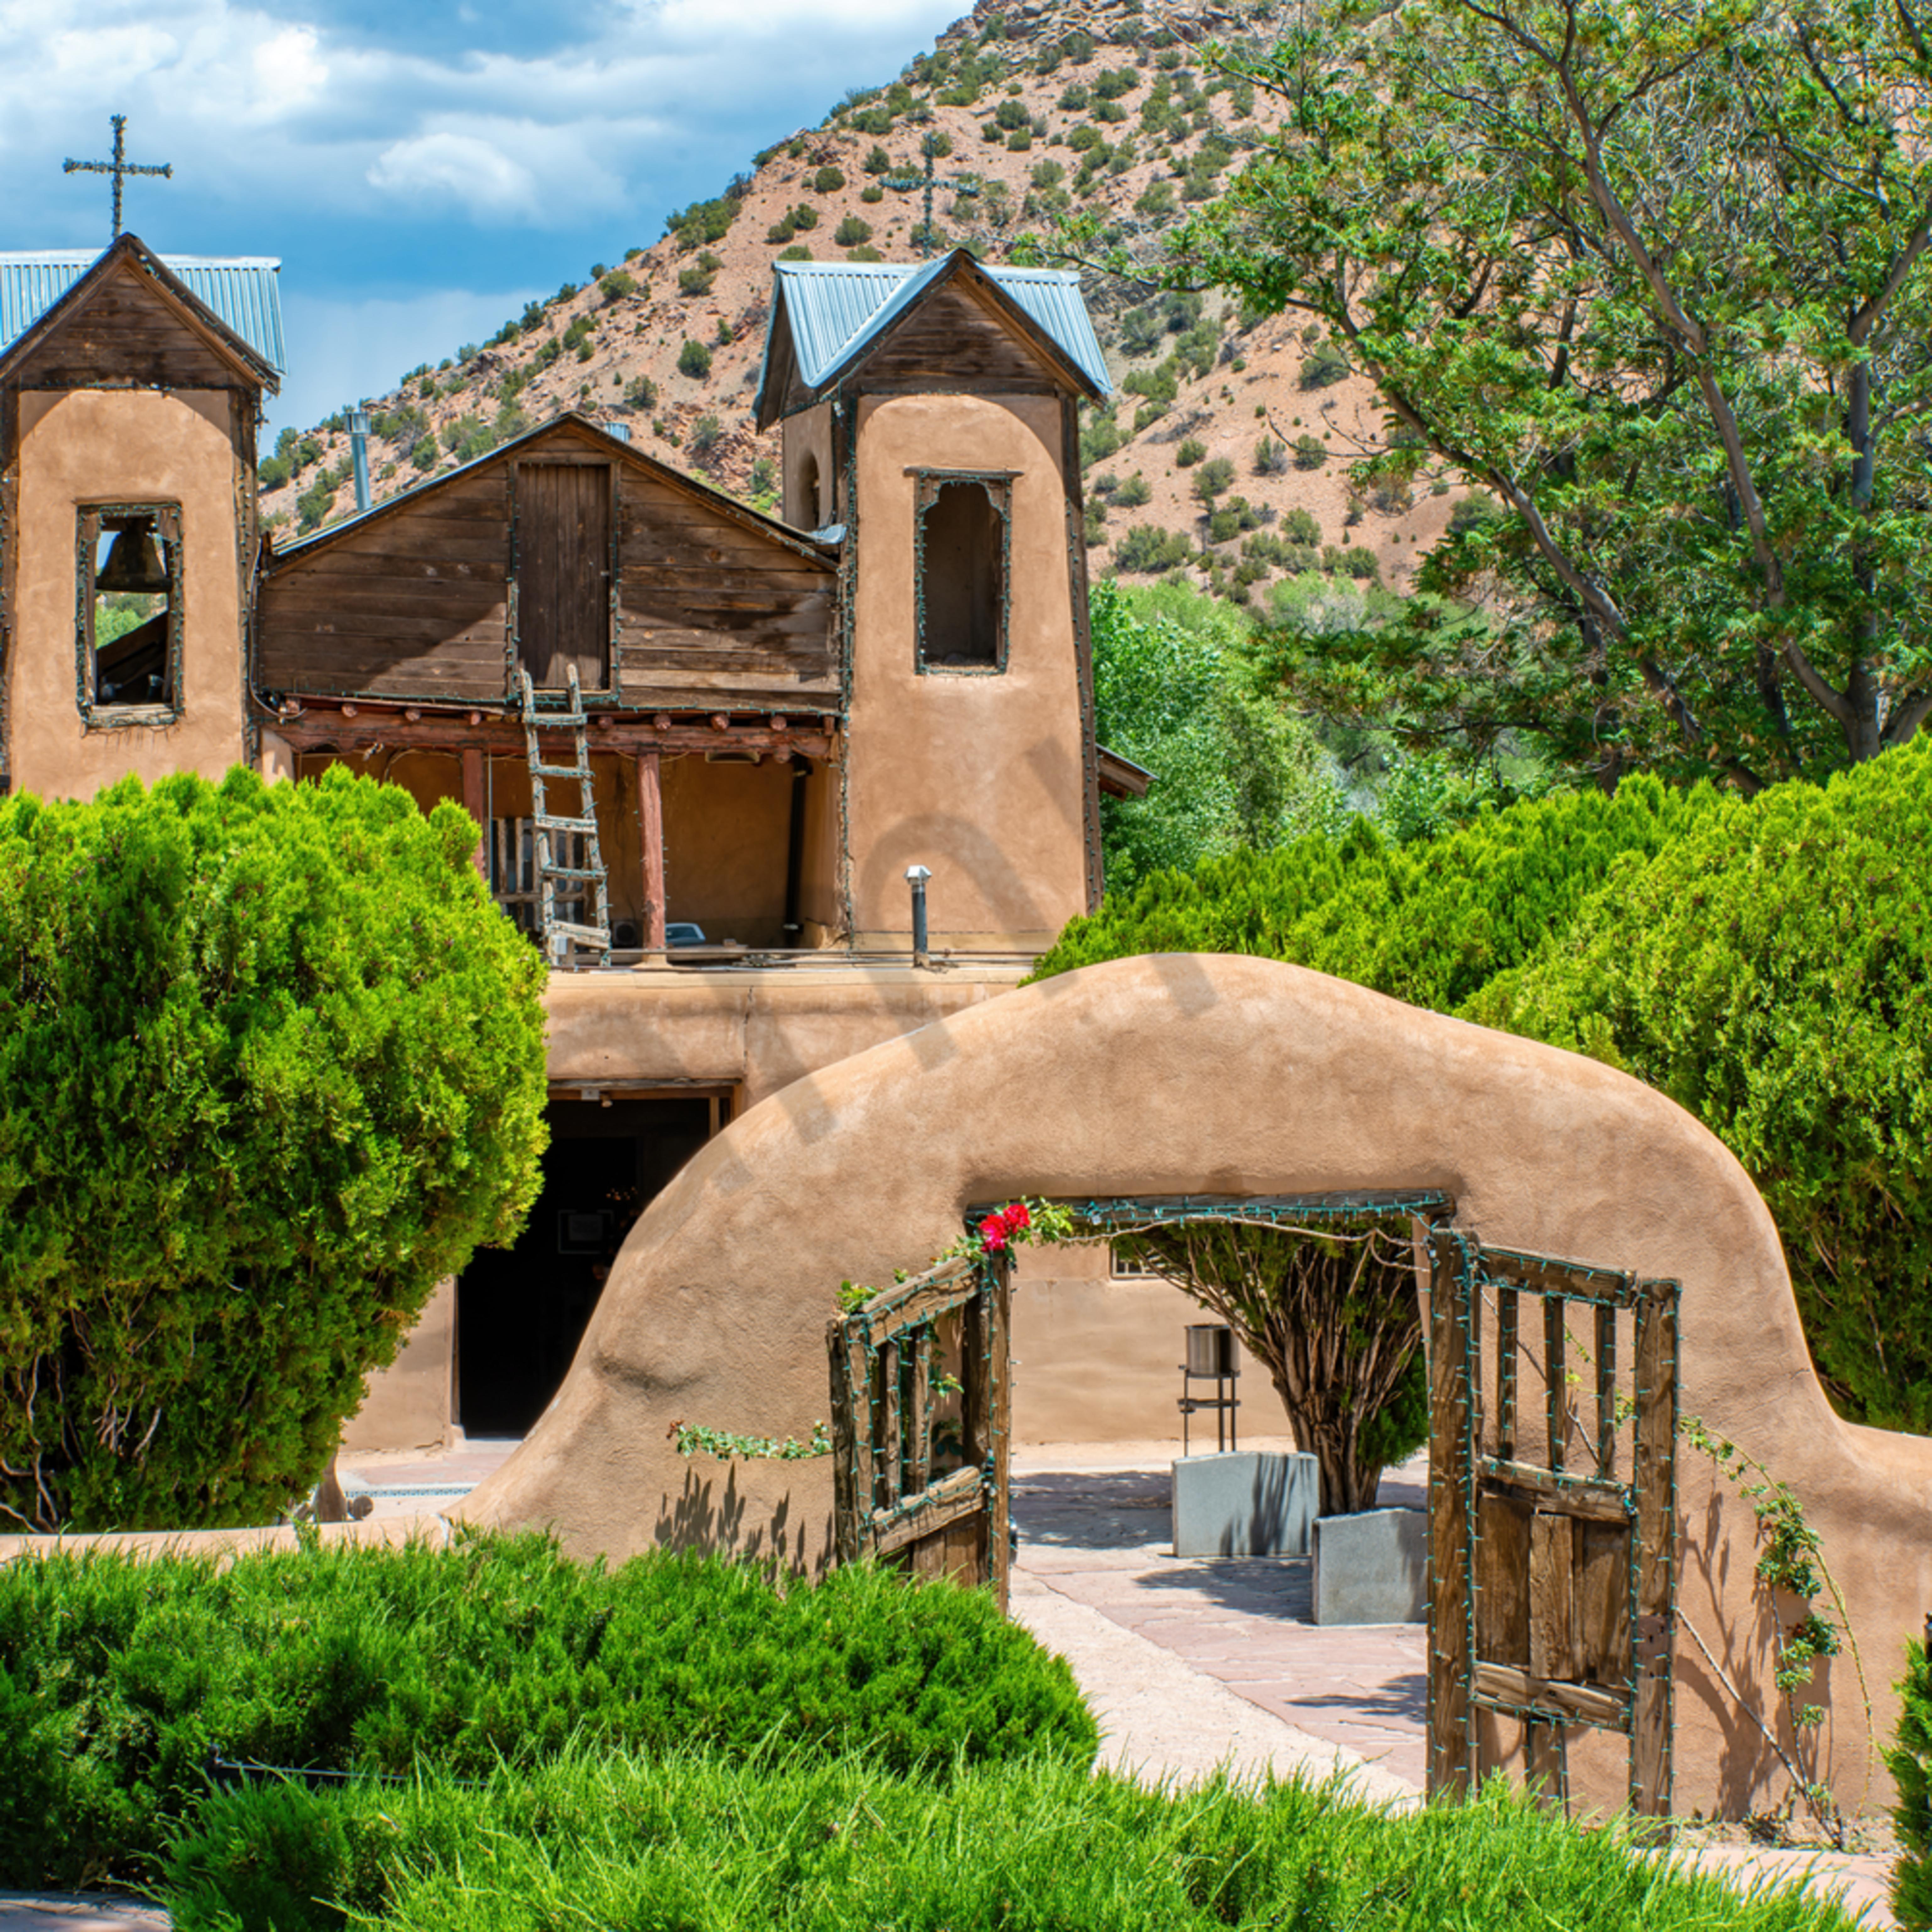 El santuario de chimayo new mexico nkxr9d